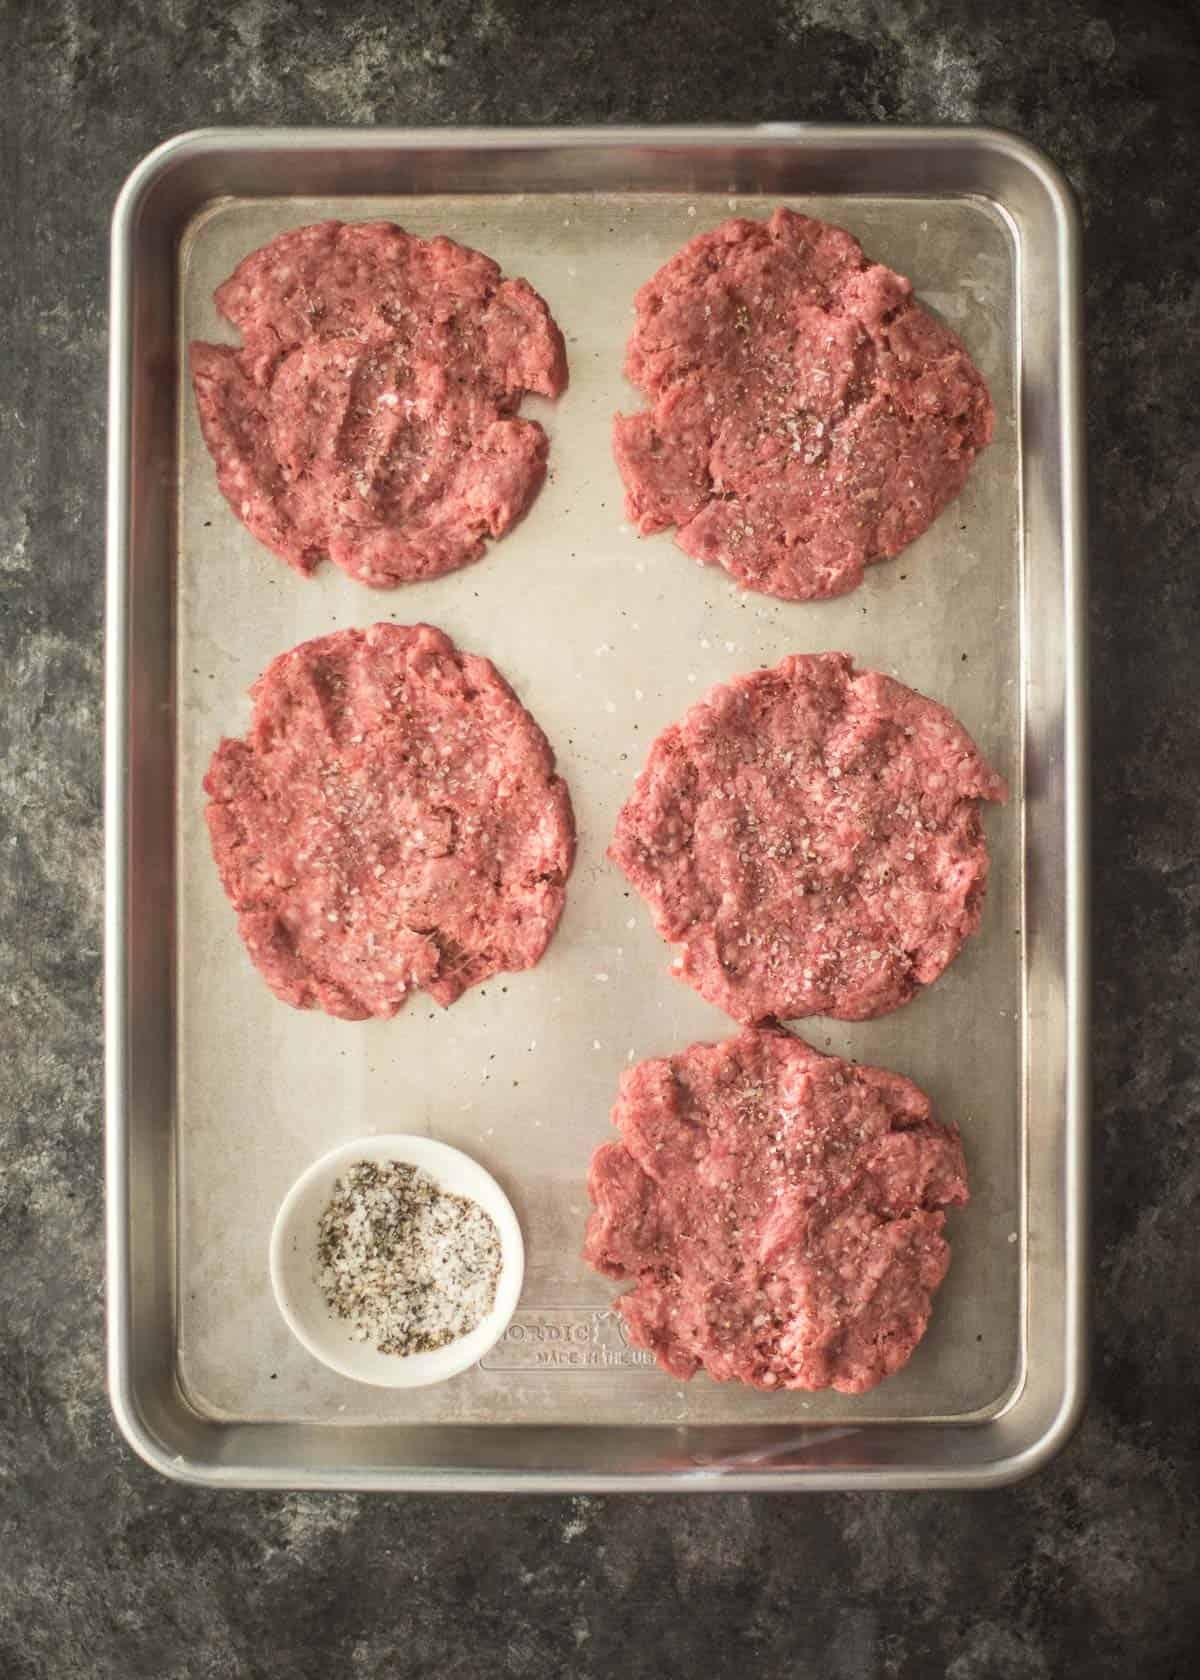 raw hamburger patties on a sheet pan